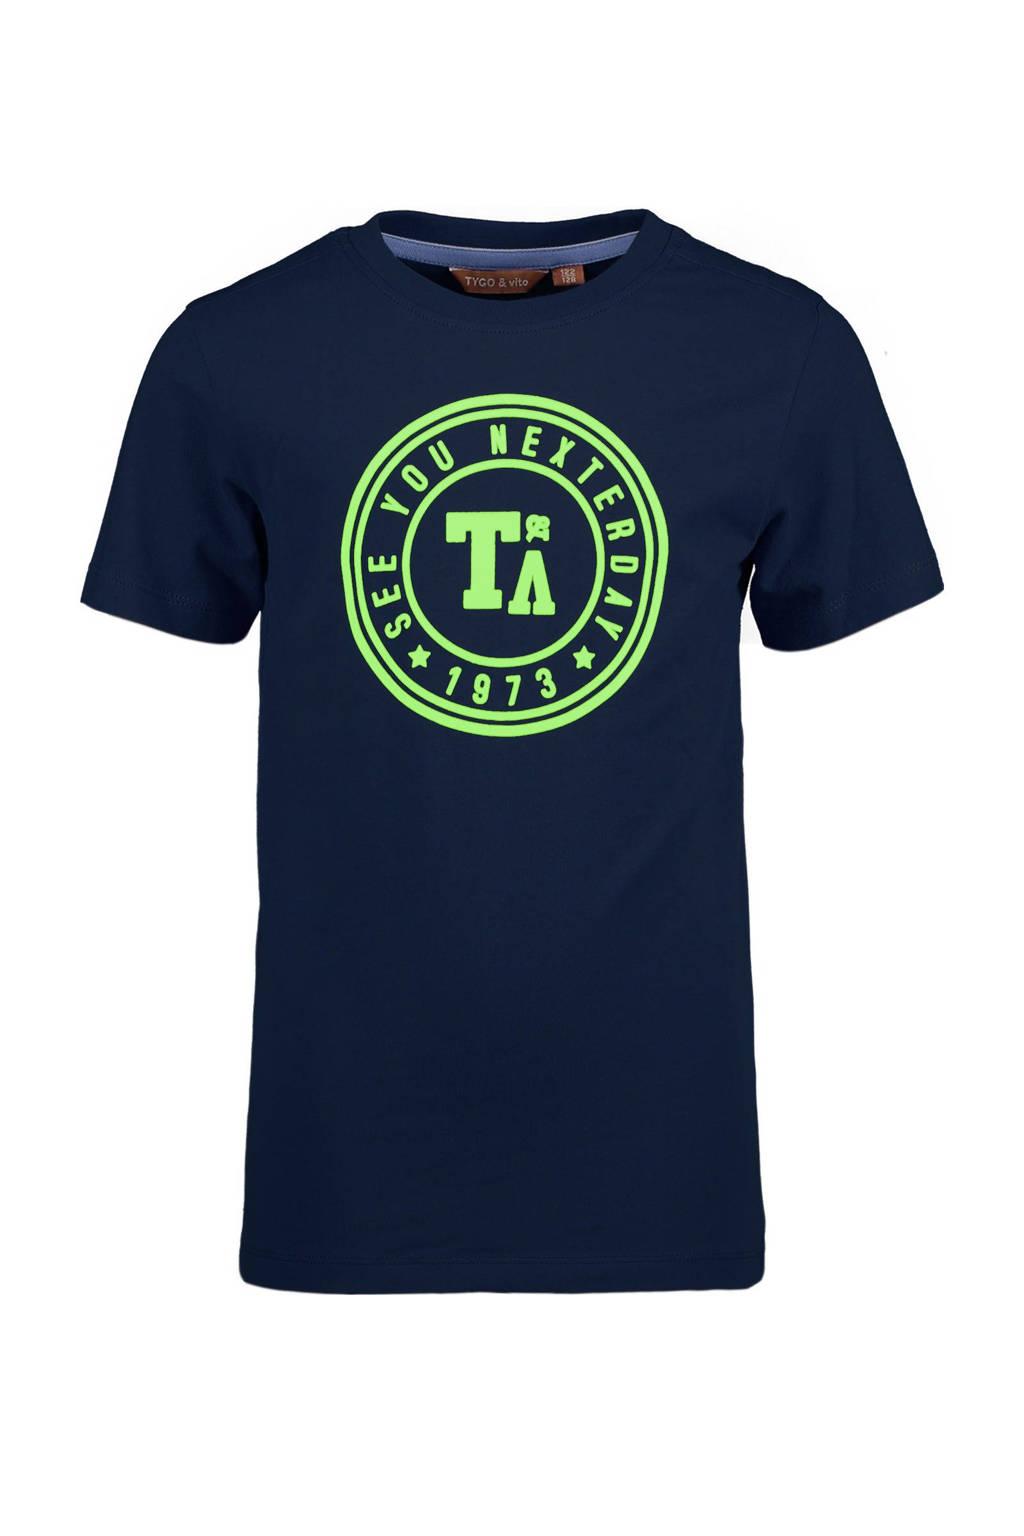 TYGO & vito T-shirt met biologisch katoen donkerblauw, Donkerblauw